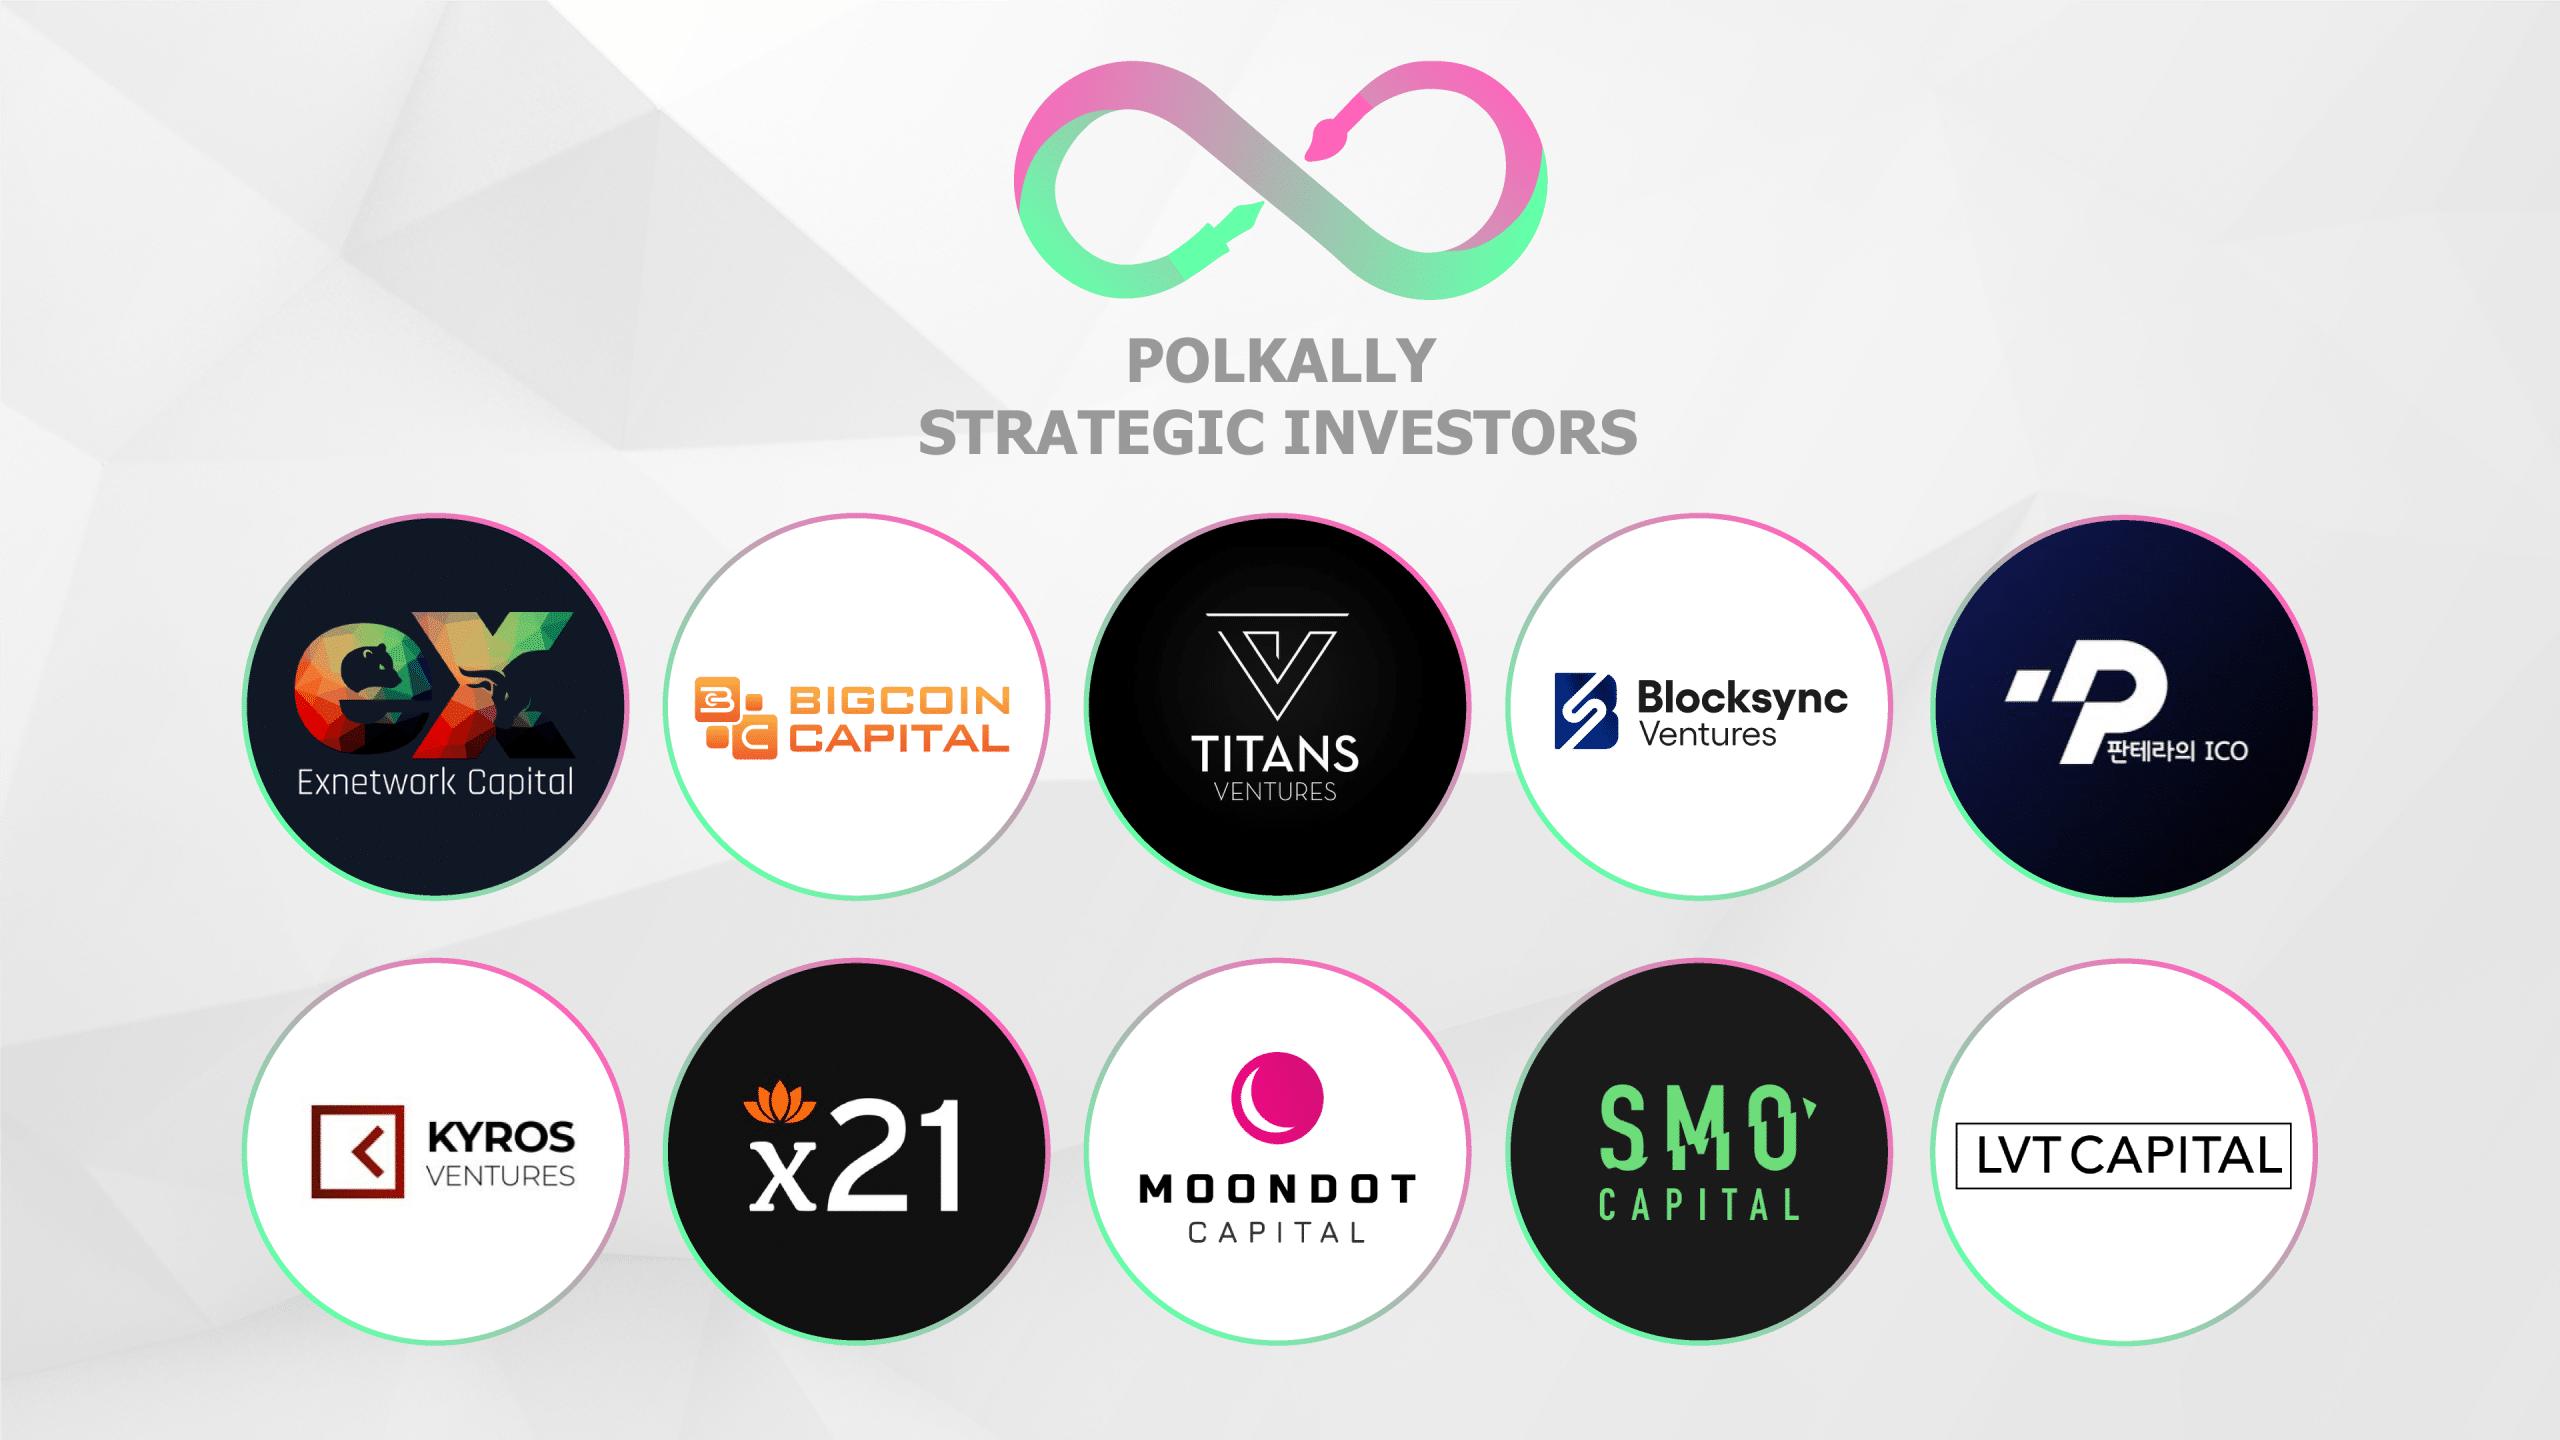 Polkally investisseurs